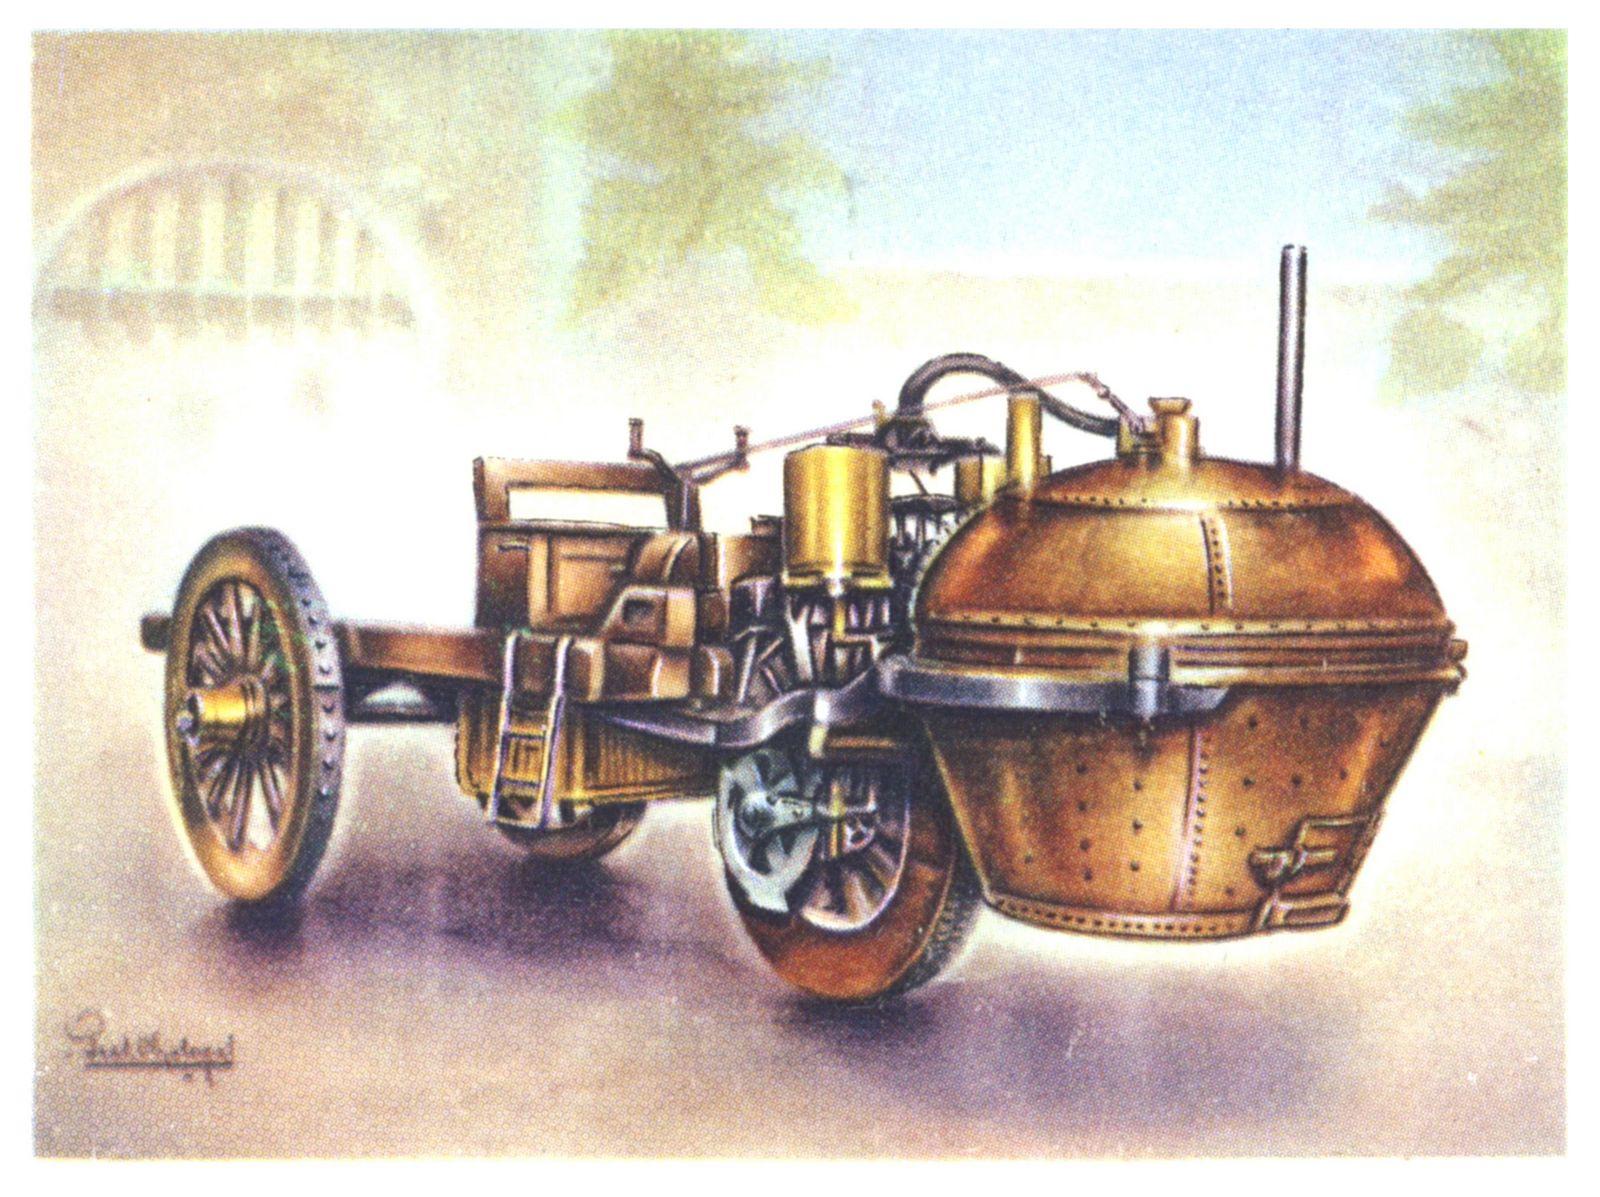 своими картинка первого автомобиля с паровым котлом снимаю основном